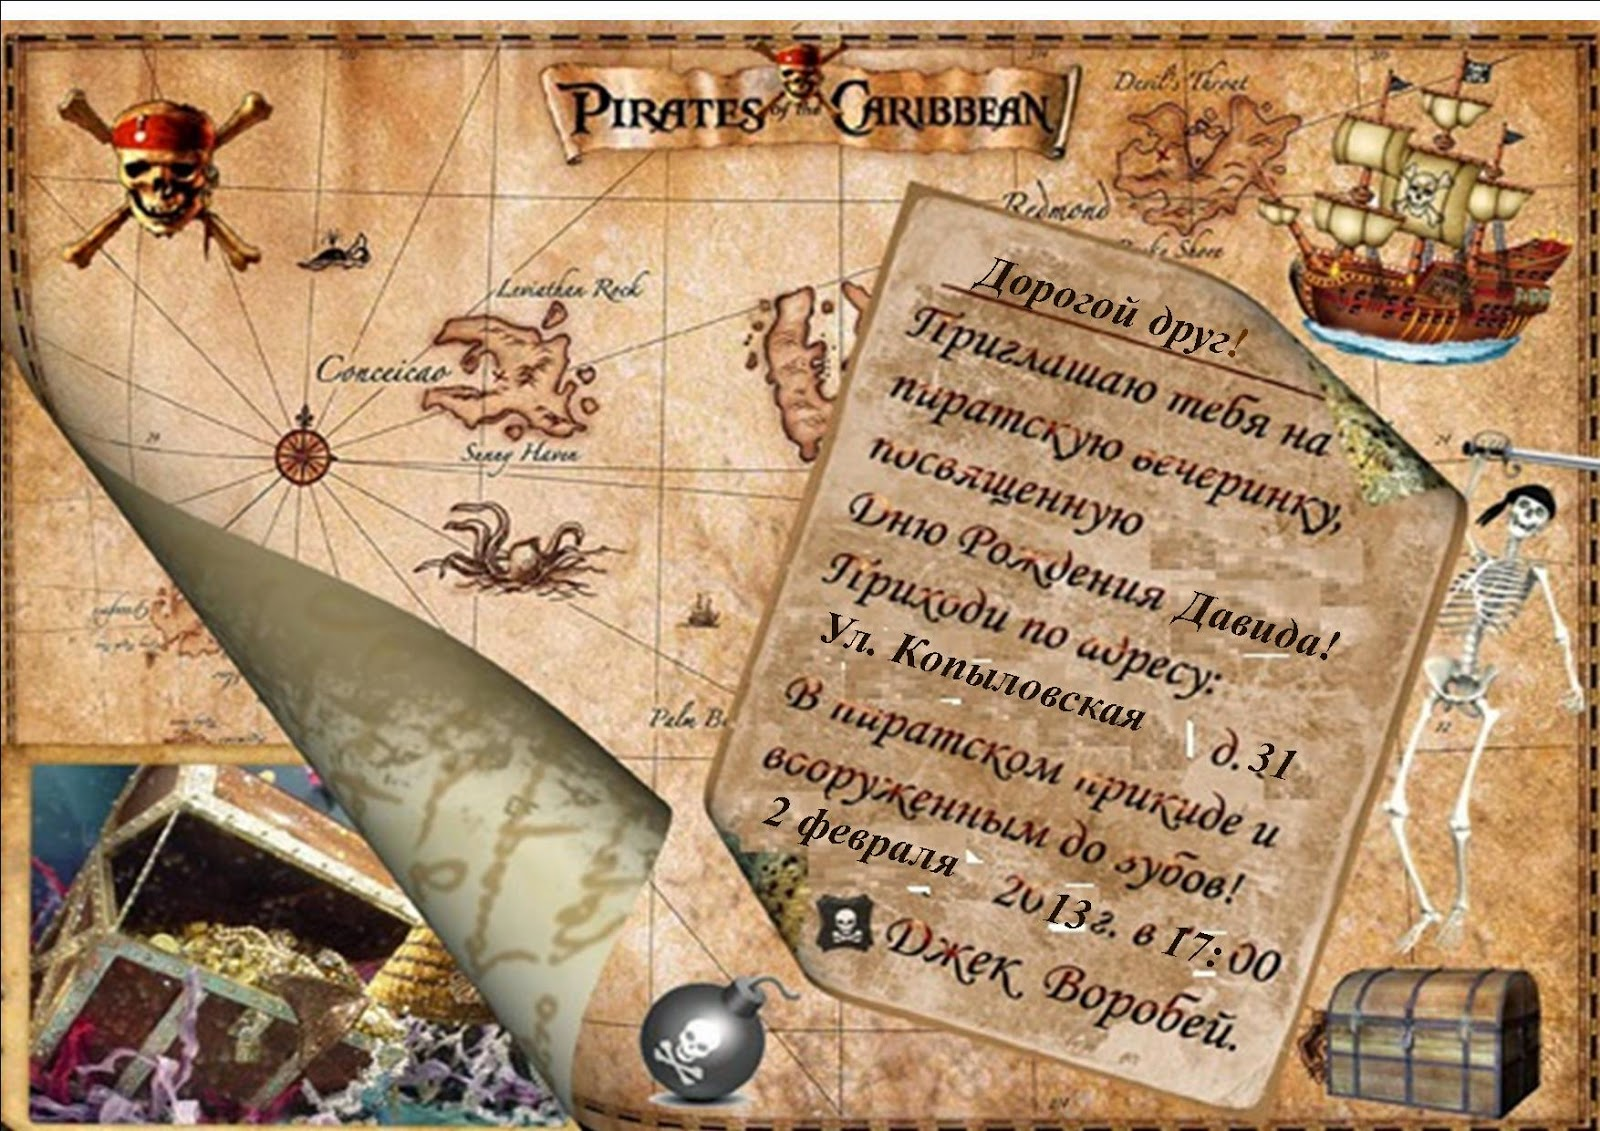 Отца днем, пиратская открытка с днем рождения своими руками